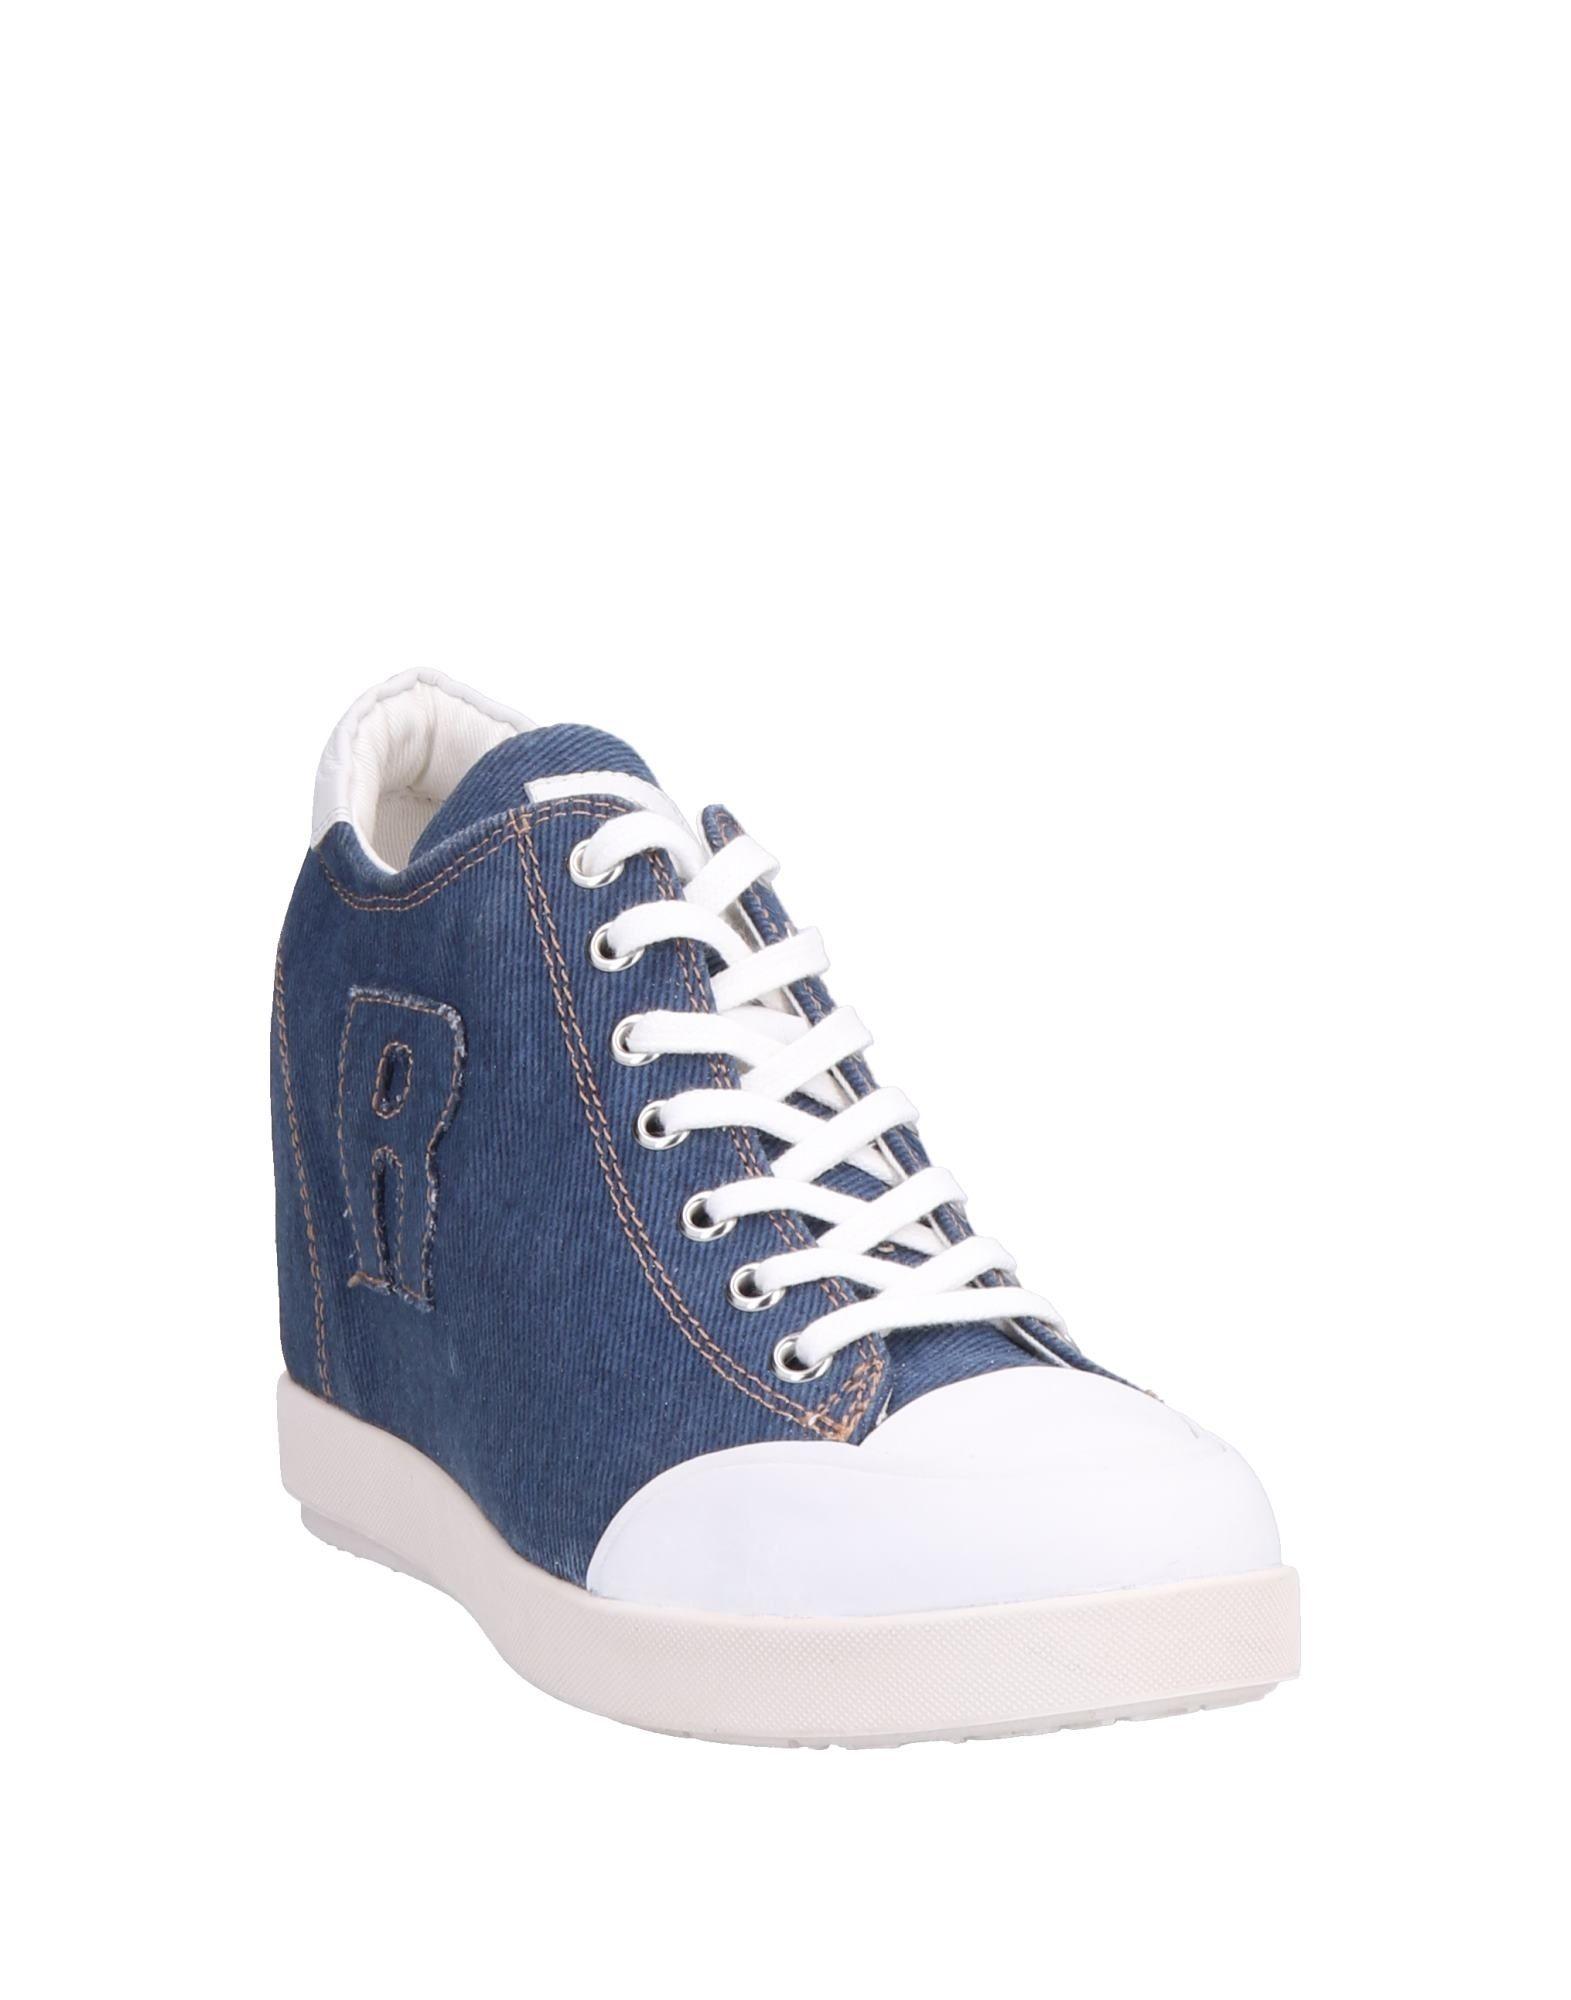 Ruco Line Sneakers Damen Preis-Leistungs-Verhältnis, Gutes Preis-Leistungs-Verhältnis, Damen es lohnt sich 520bb3